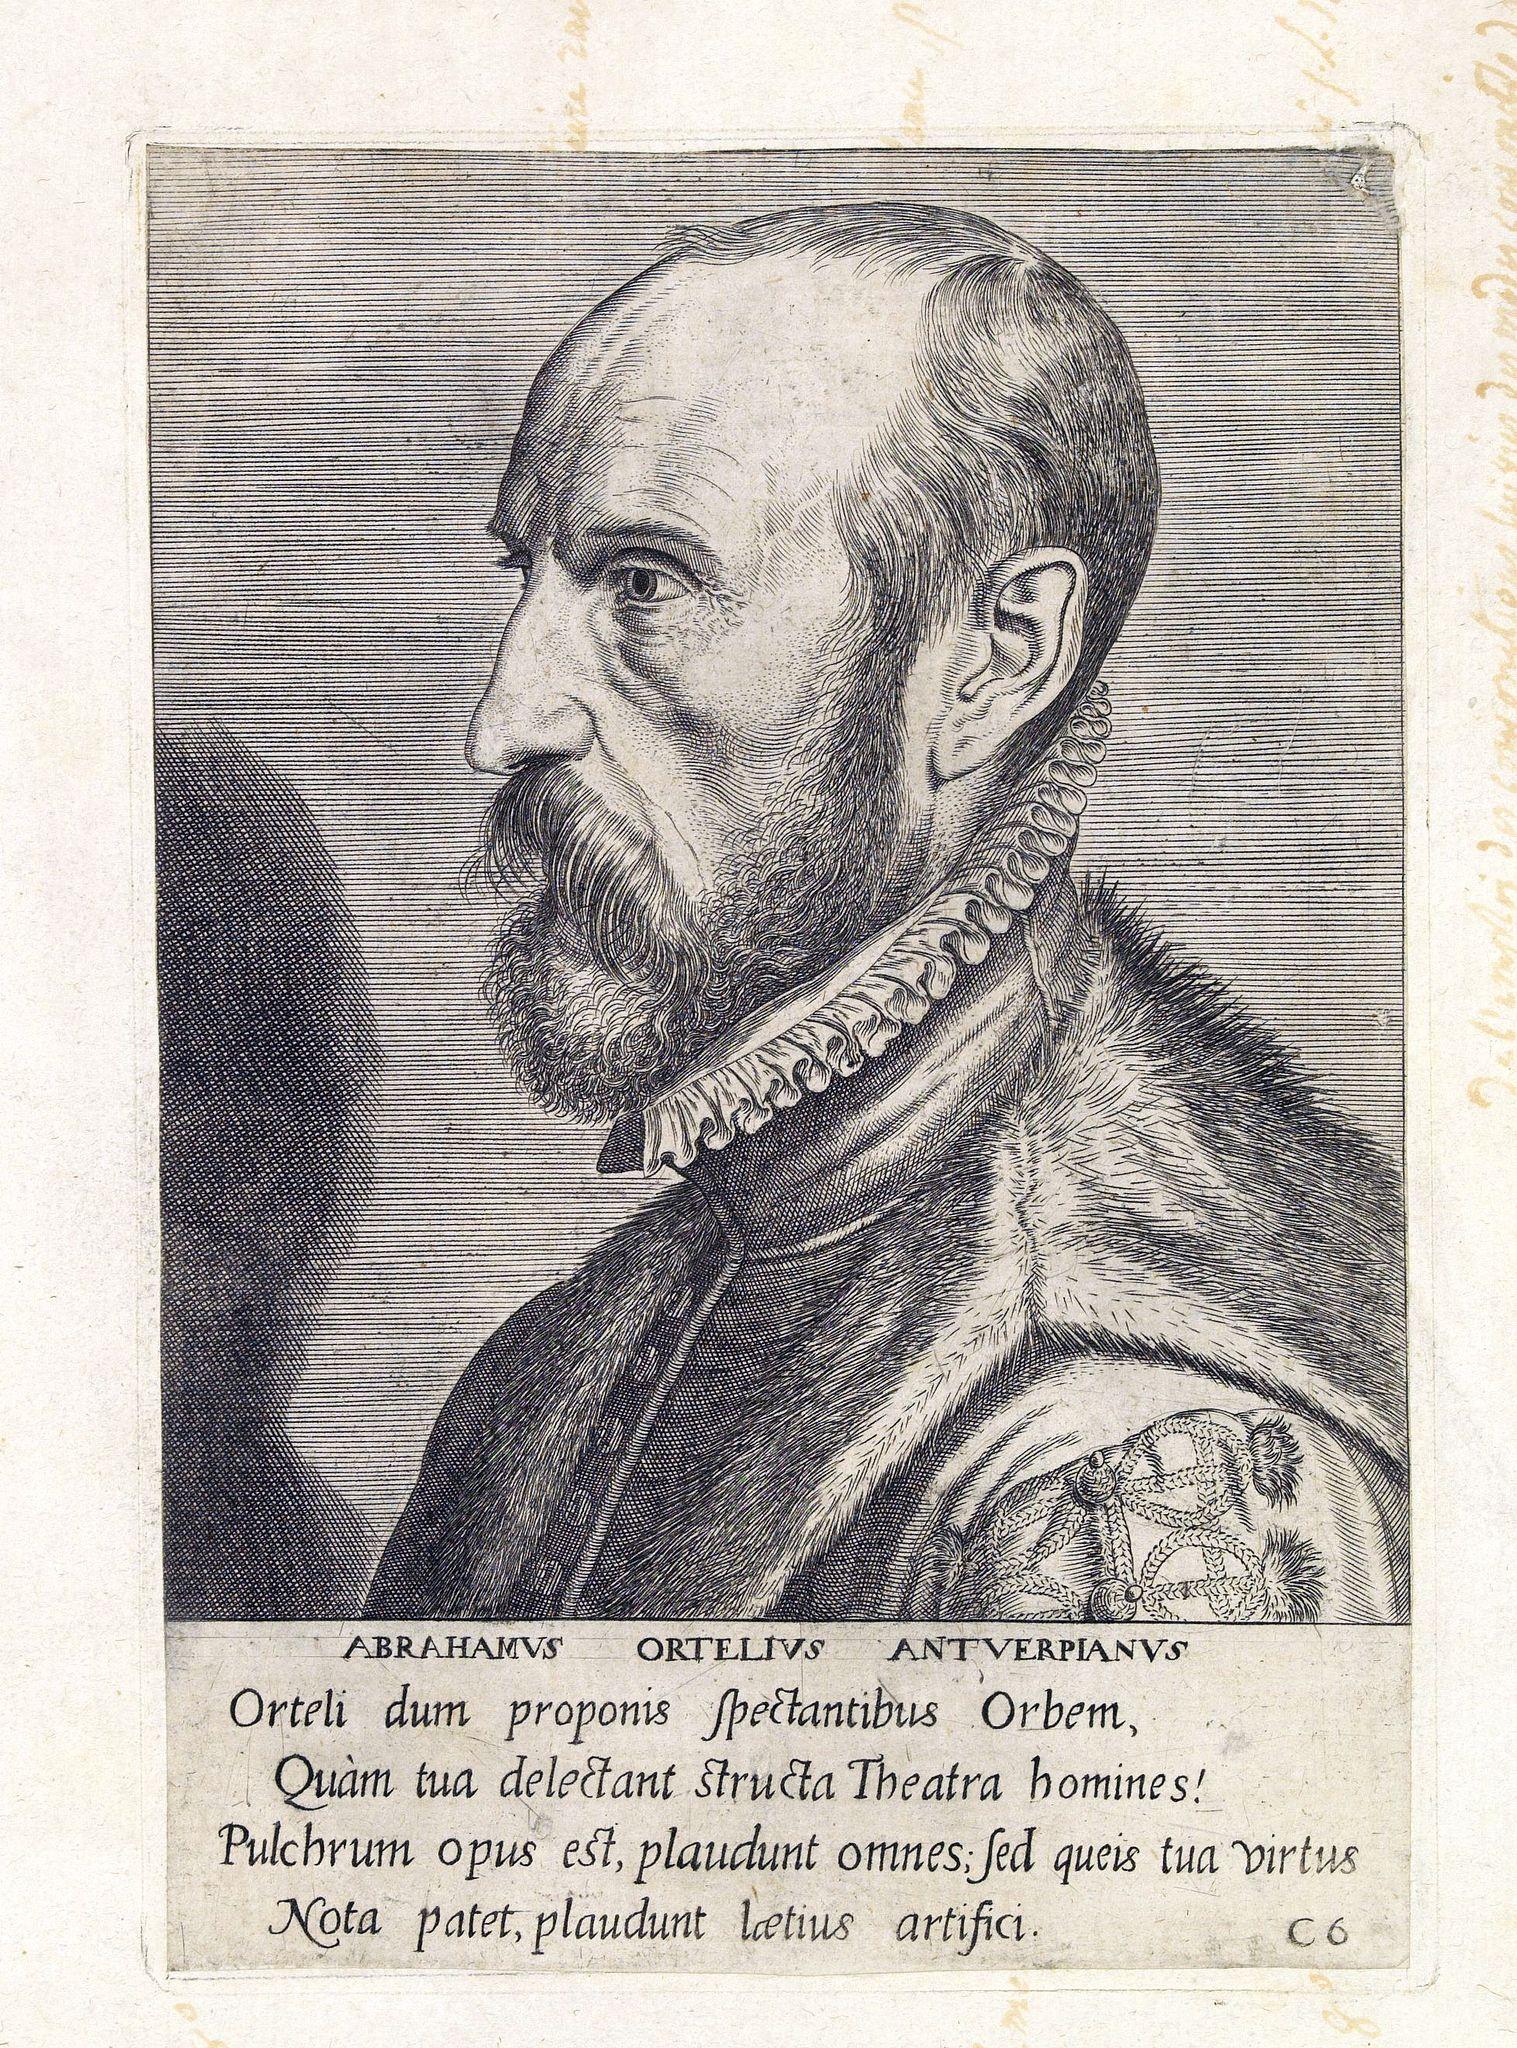 ANONYMOUS -  ABRAHAMUS ORTELIUS ANTVERPIANUS Orteli dum proponis spectantibus Orbem, Quam tua delectant structa Theatra homines! . . .